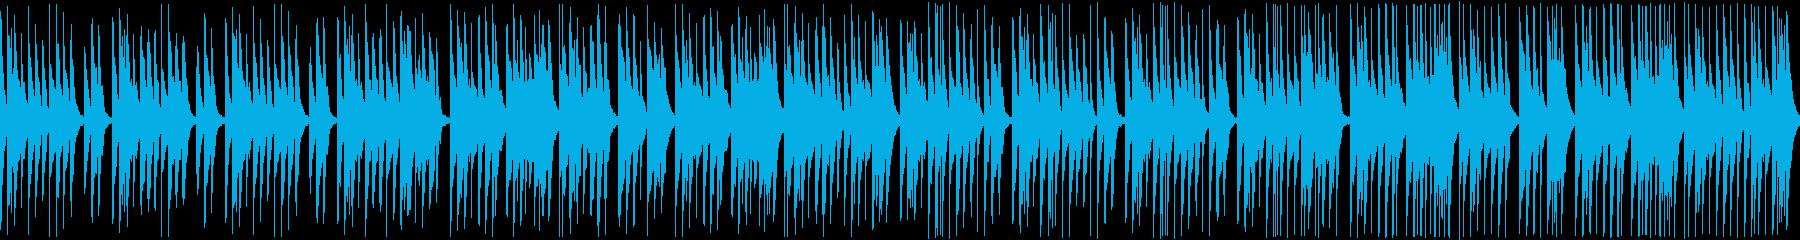 かわいい感じで日常会話シーンに合うBGMの再生済みの波形